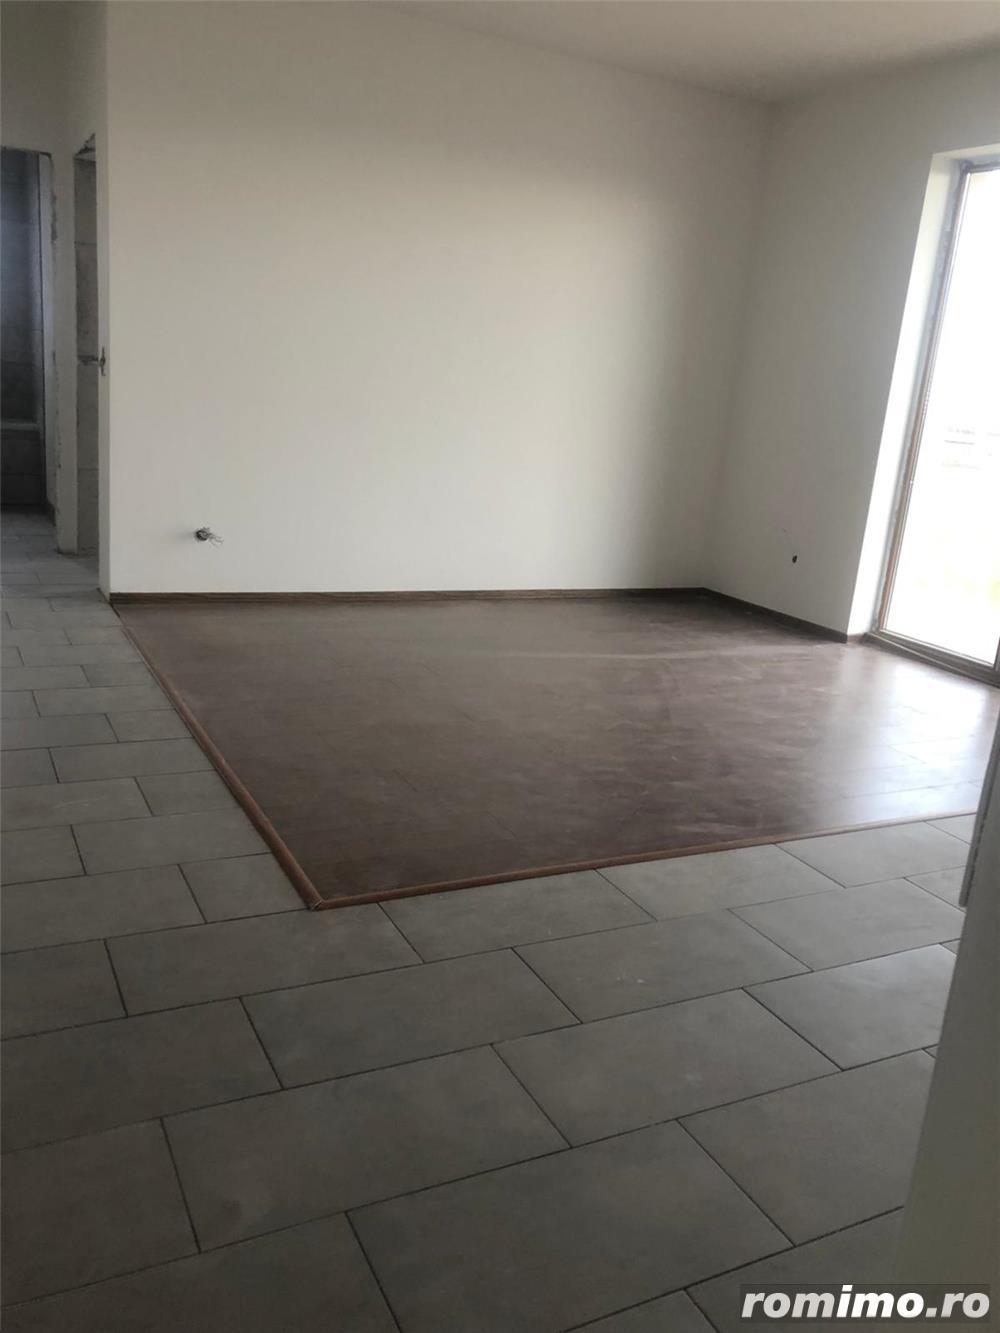 Apartament generos 2 camere Giroc Bloc nou